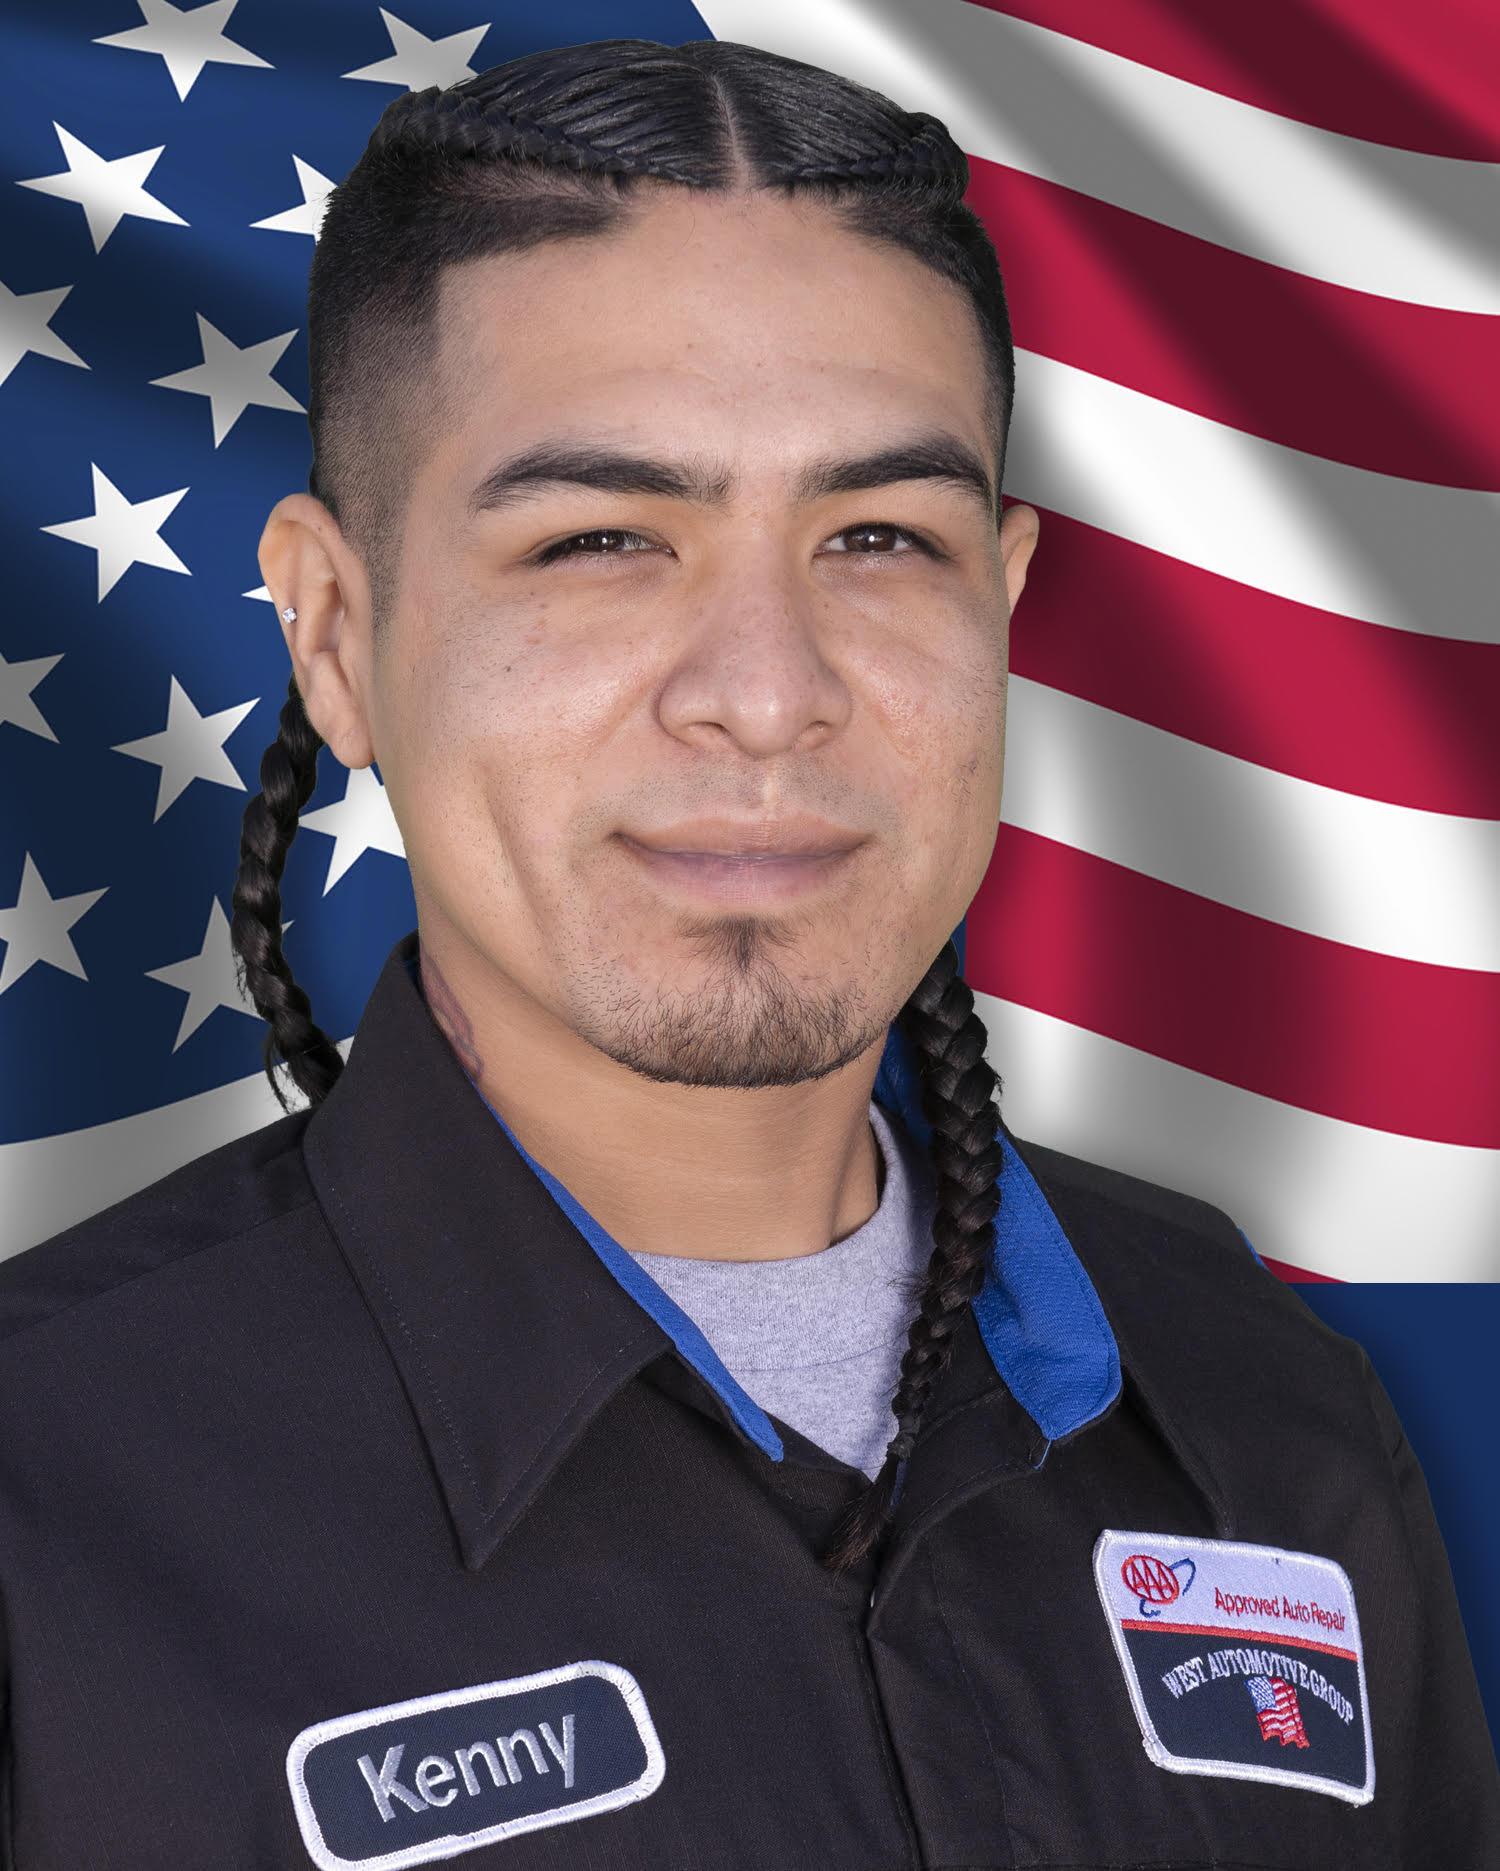 Kenny Morales